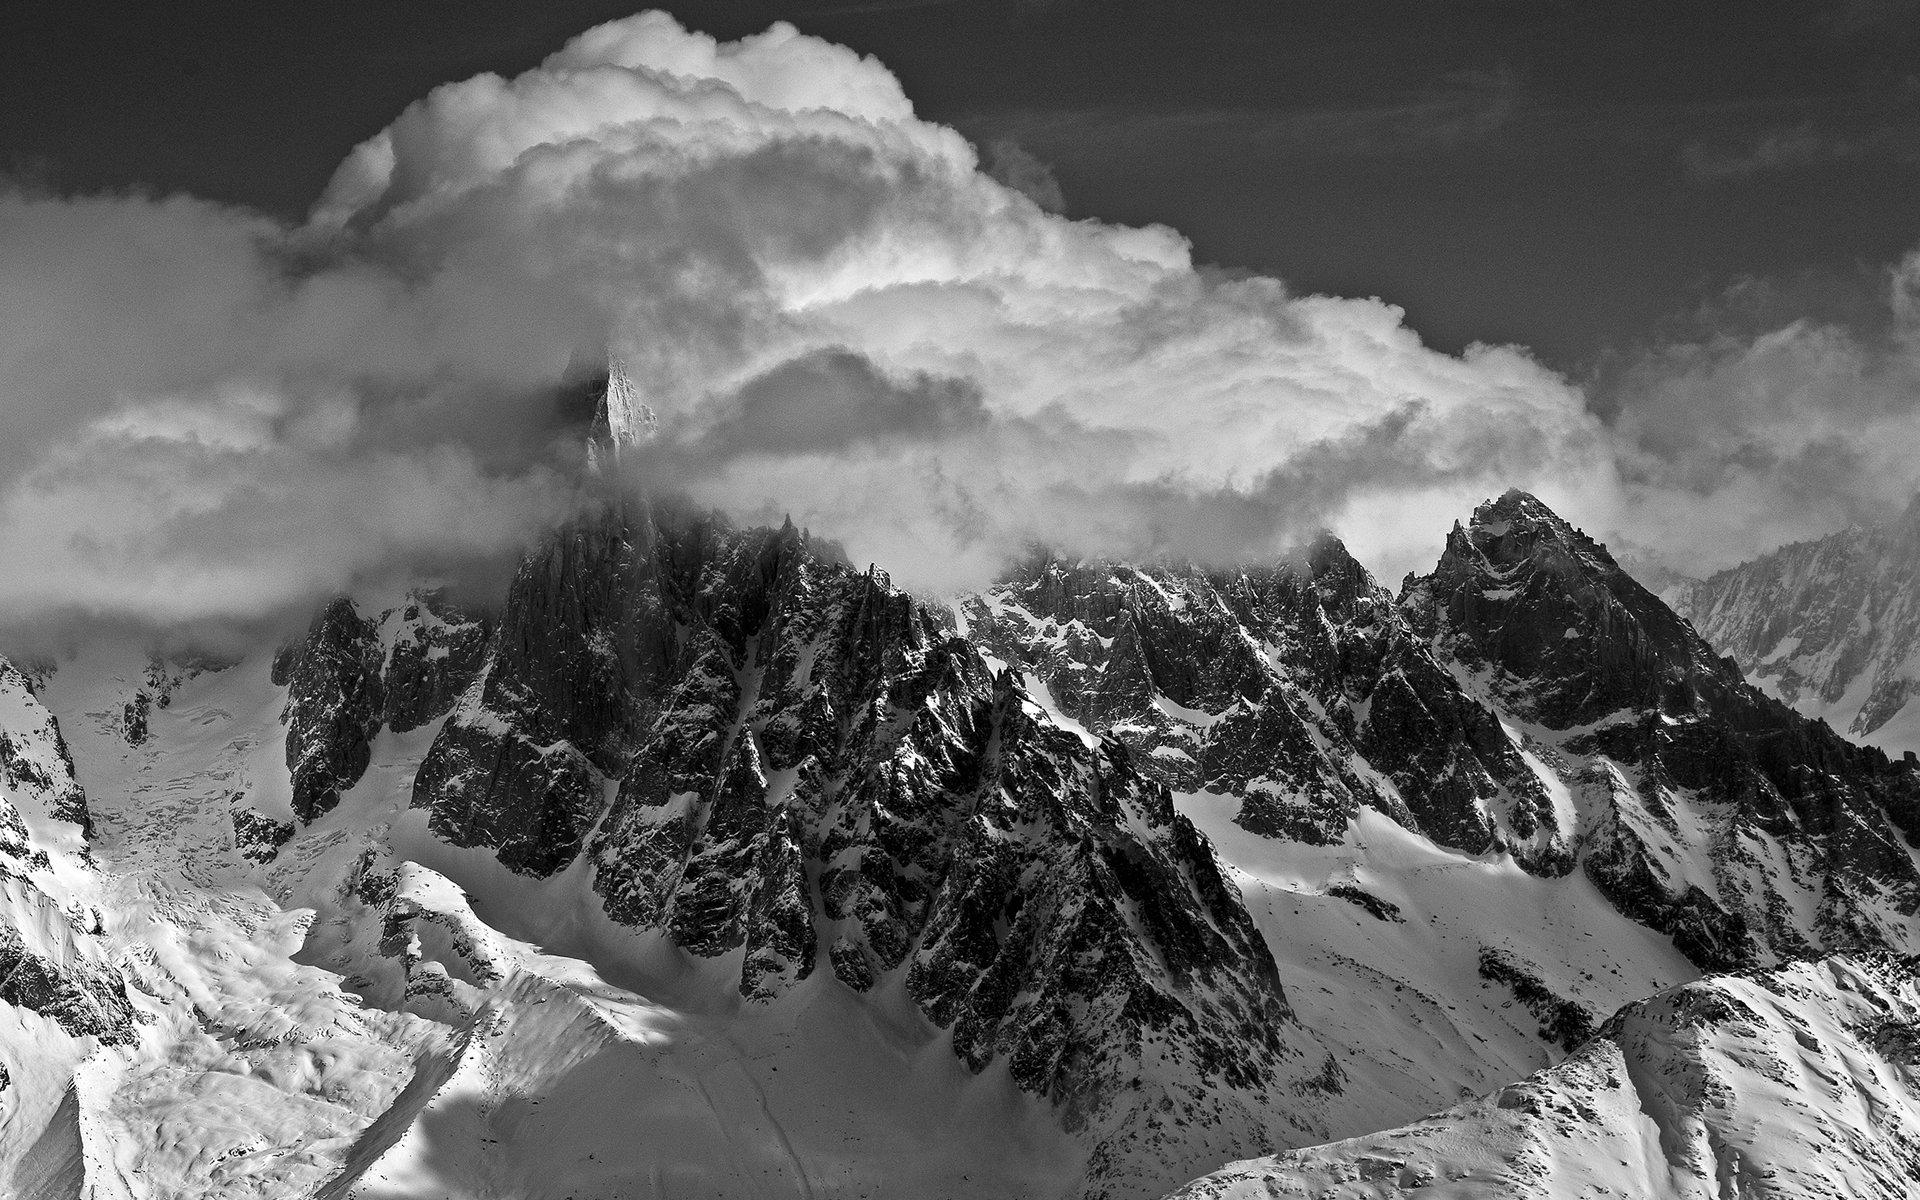 Hình nền ngọn núi trắng đen